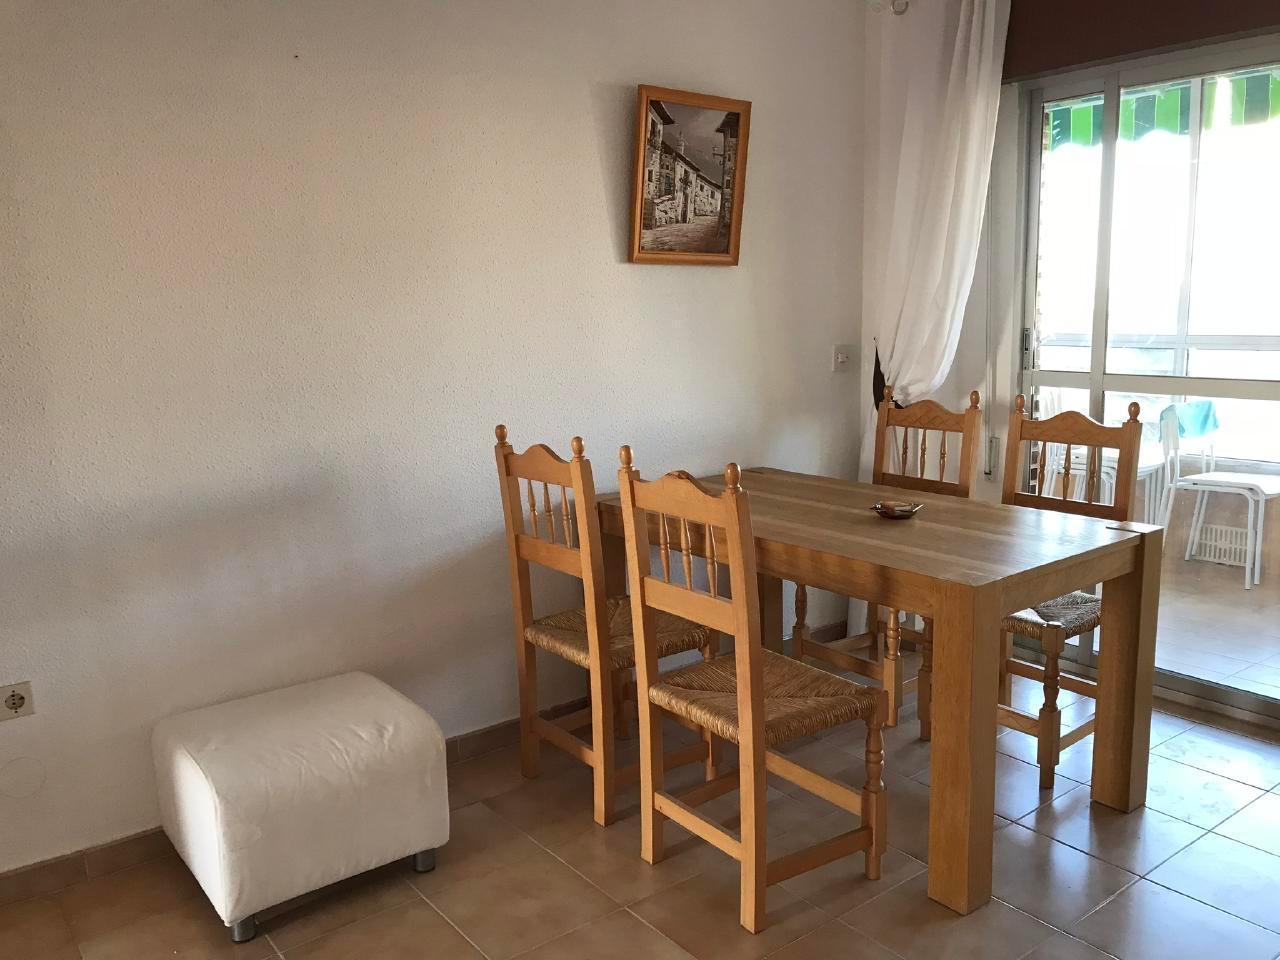 Ferienwohnung Sonnige 3.5 Zi-Wohnung am Meer (1026876), Torrevieja, Costa Blanca, Valencia, Spanien, Bild 7